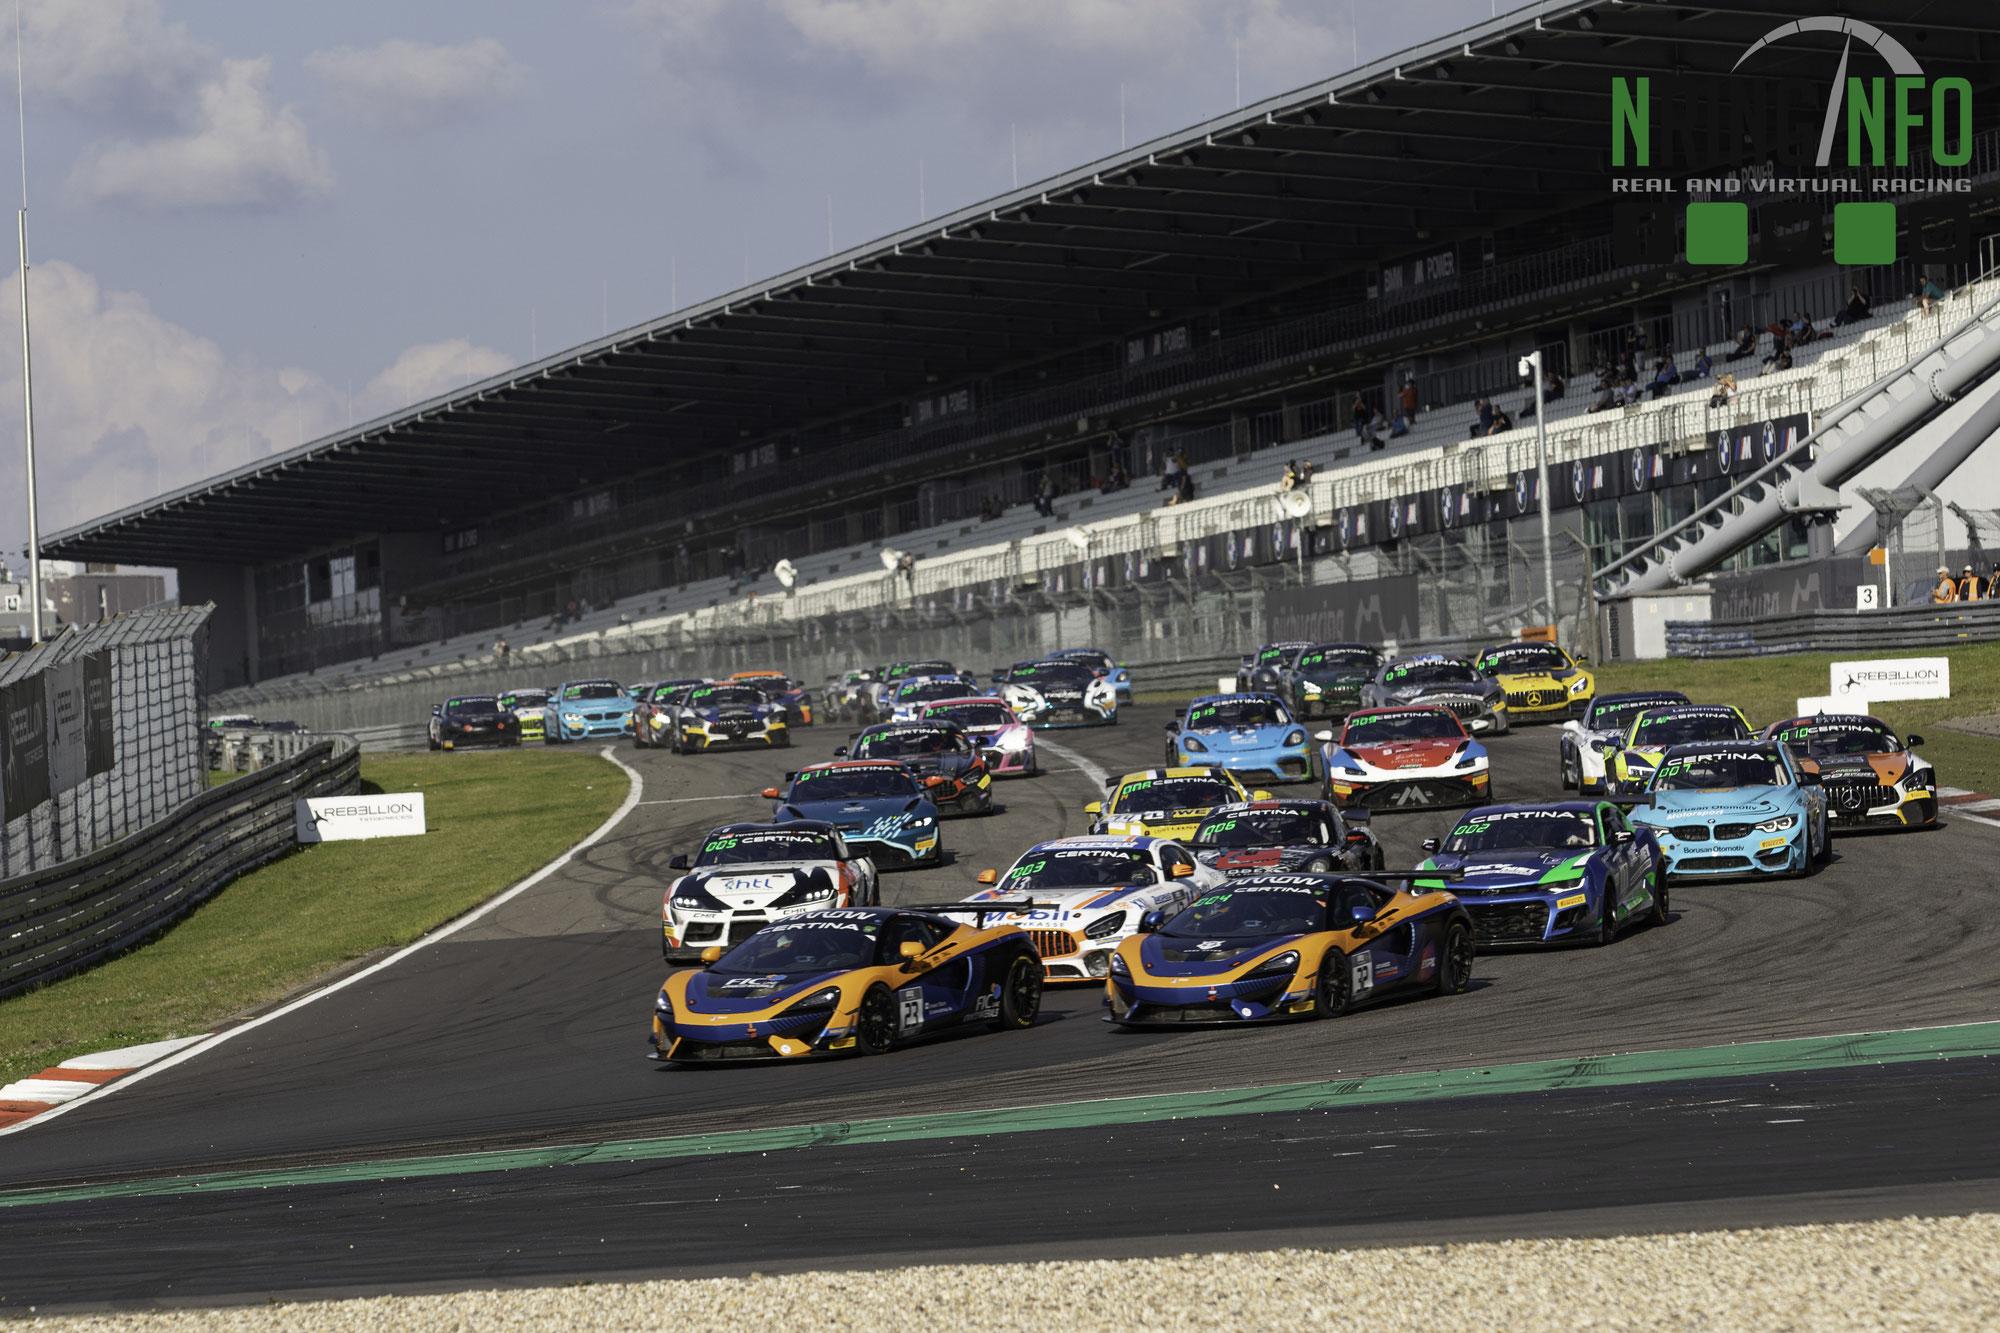 Team Zakspeed, Saintéloc Racing und Team Fullmotorsport gewinnen Rennen 1 auf dem Nürburgring, Pro-Am-Titel entschieden